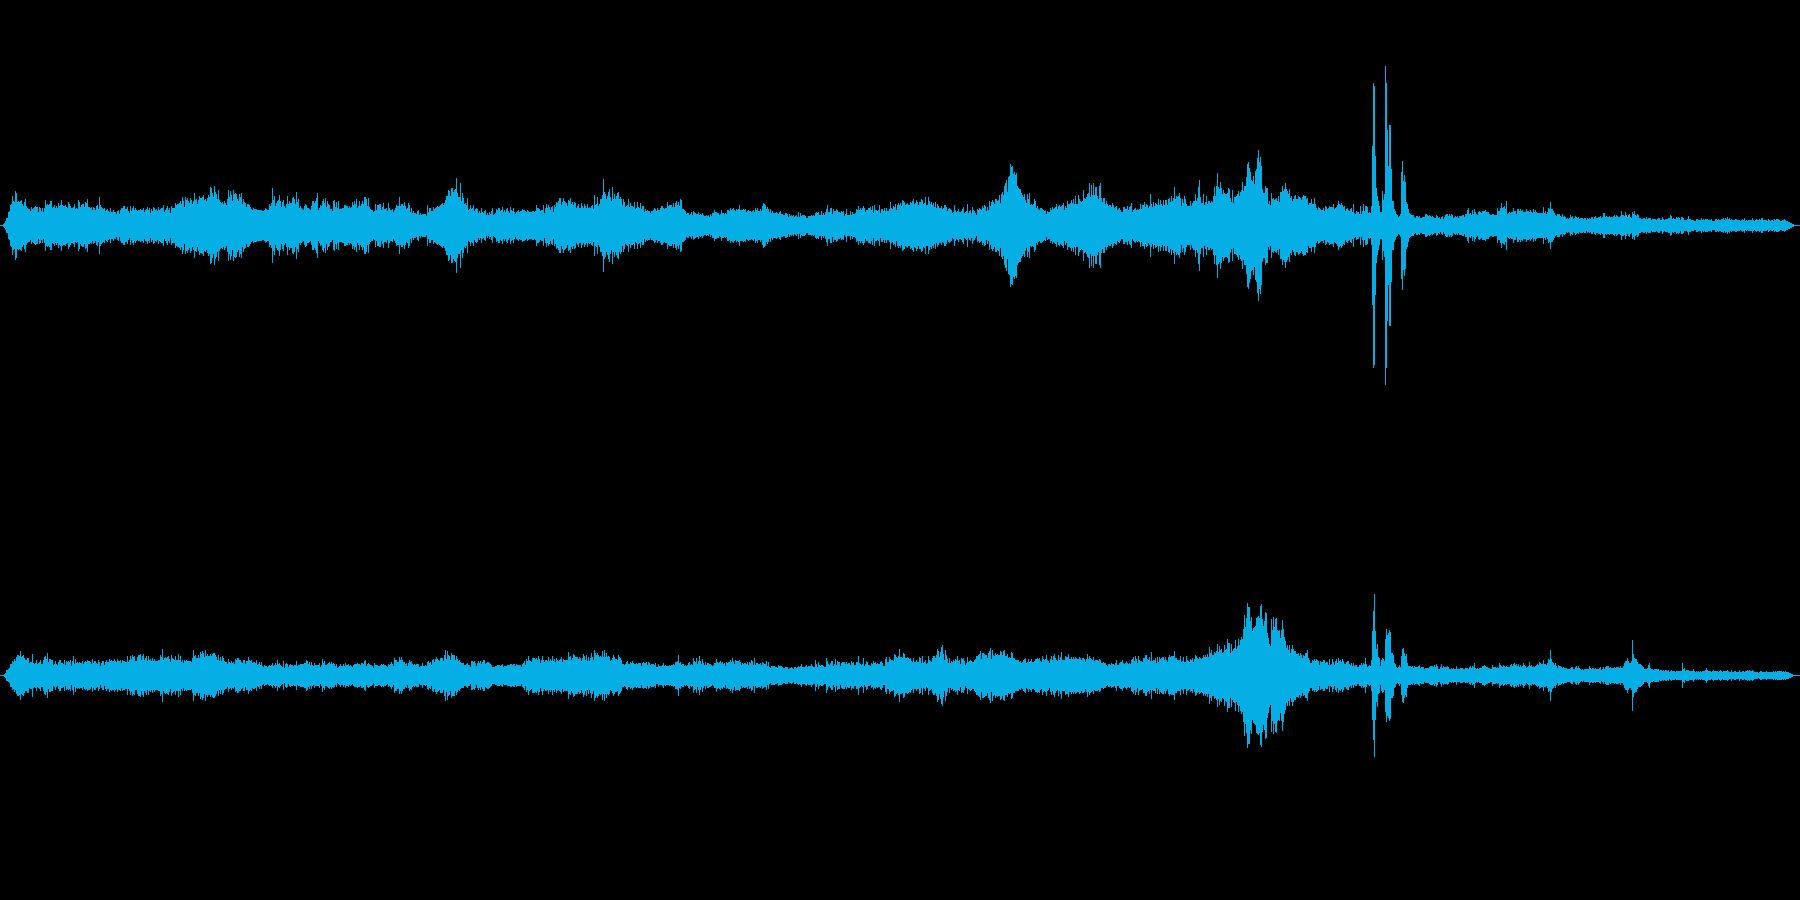 東京都渋谷区周辺の環七の音です。の再生済みの波形